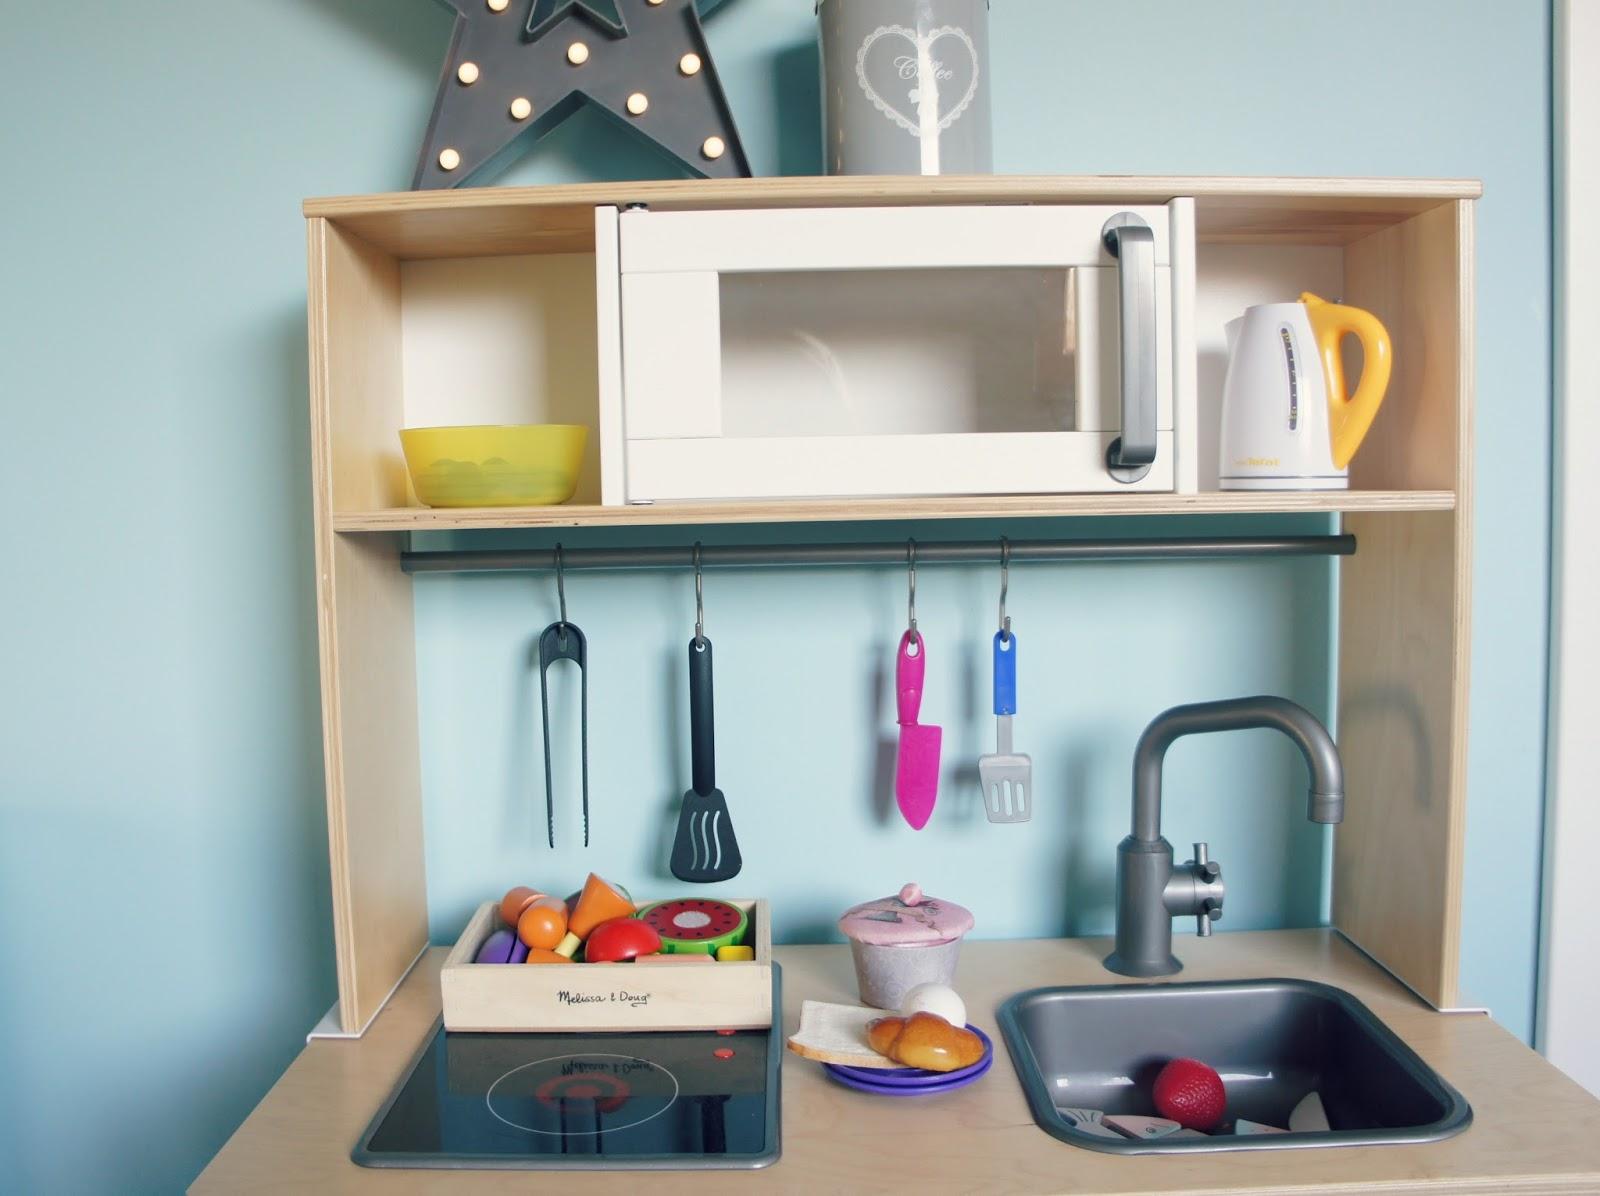 Zabawkowa kuchnia Duktig z Ikea  czy warto kupić? Moja   # Kuchnia Ikea Czas Oczekiwania